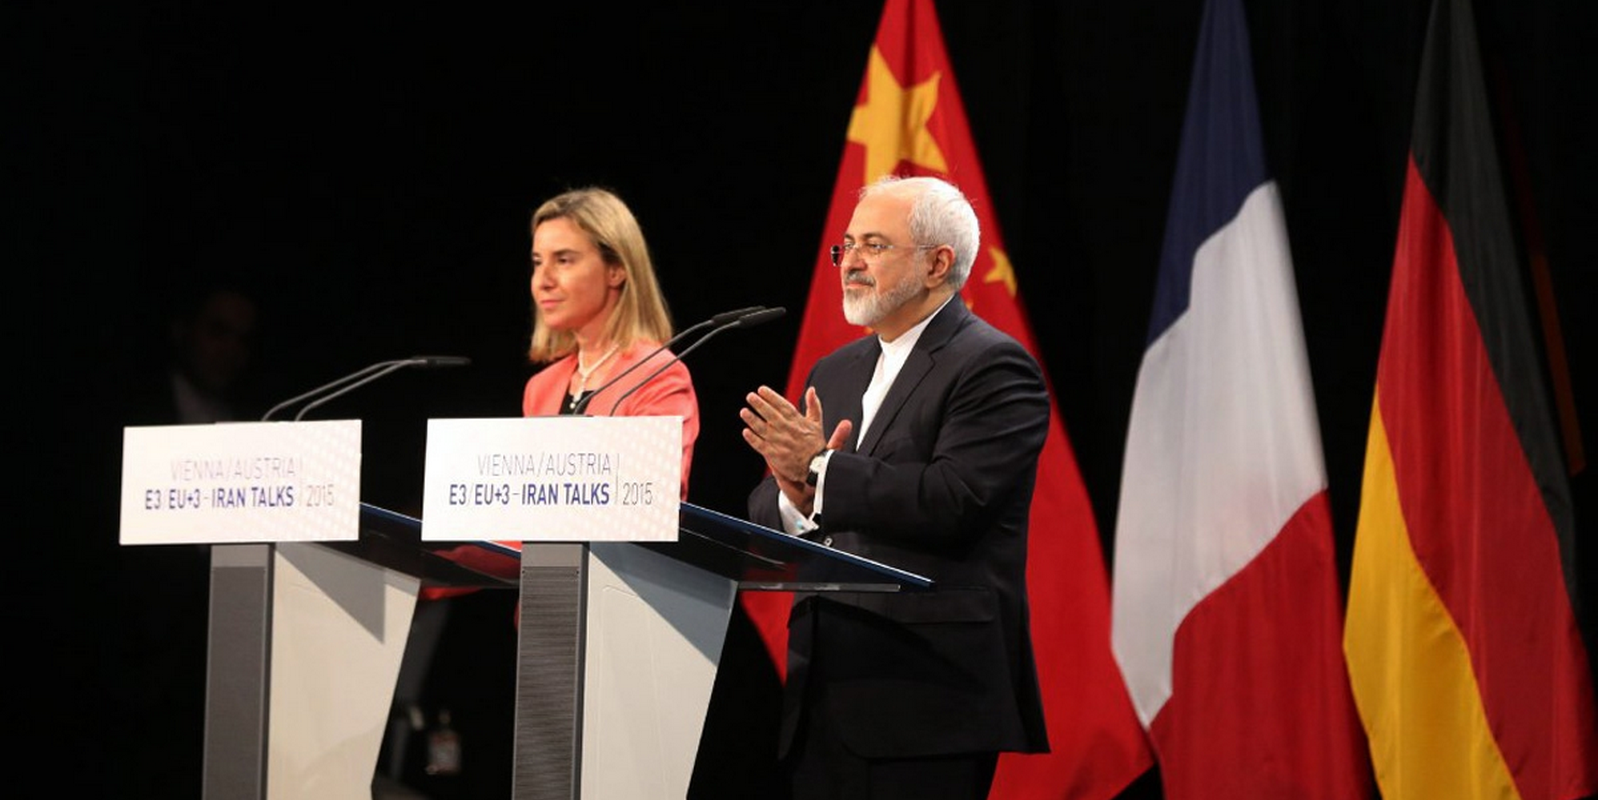 این توافق و امید نردبانی باشد برای توسعه پایدار ایران